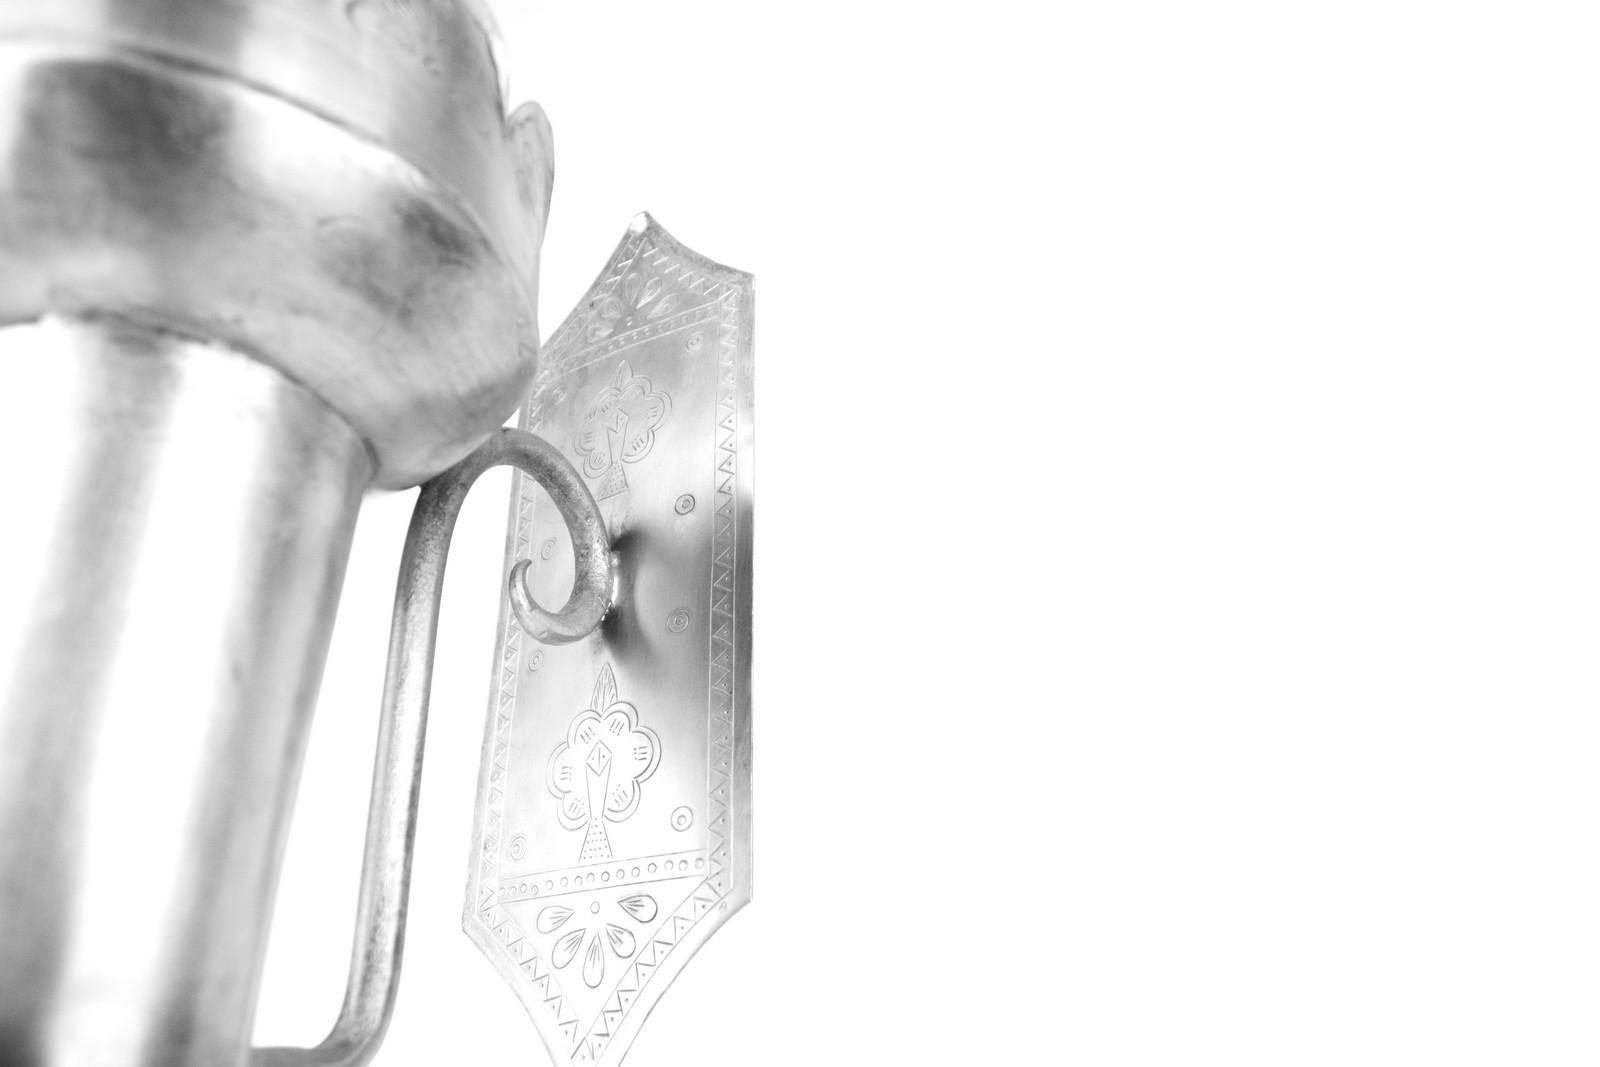 fiaccola-porta-cero-in-metallo-nichelato-4,2792.jpg?WebbinsCacheCounter=1